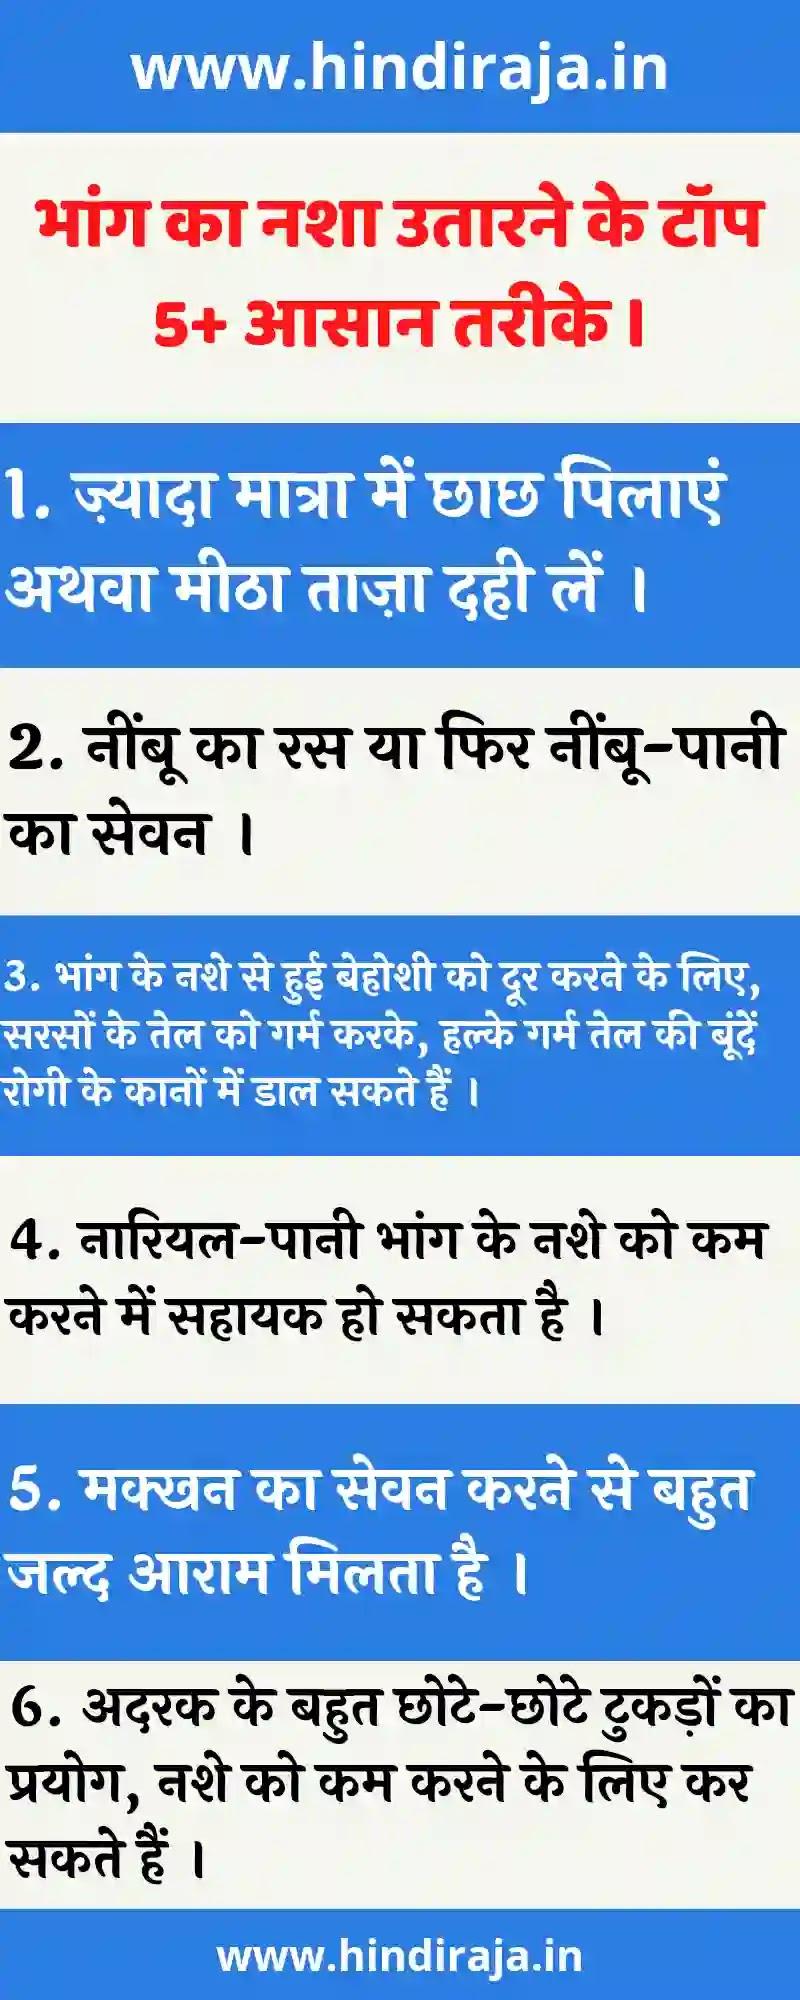 bhang ka nasha kaise utrega, भांग का नशा उतारने के उपाय